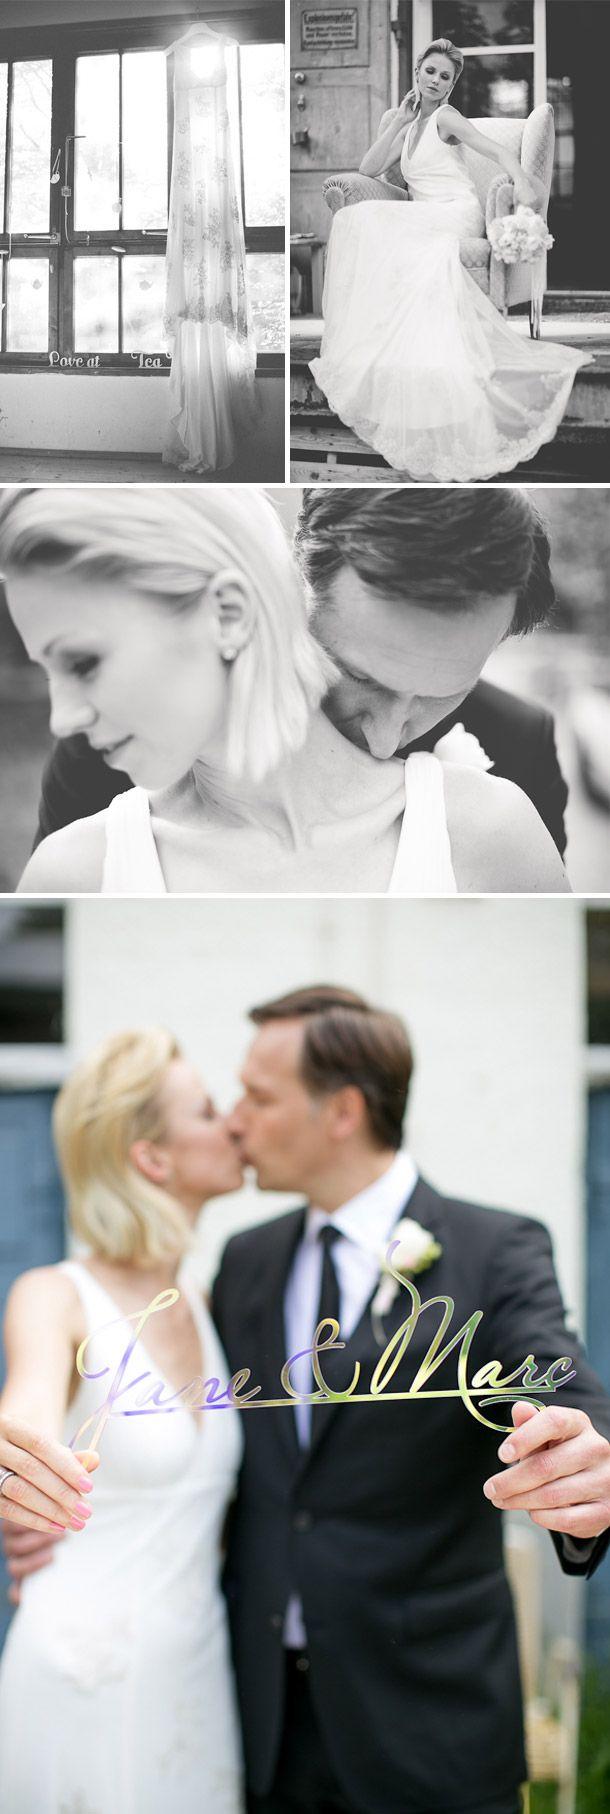 best Zukünftige Projekte images on Pinterest  Wedding ideas